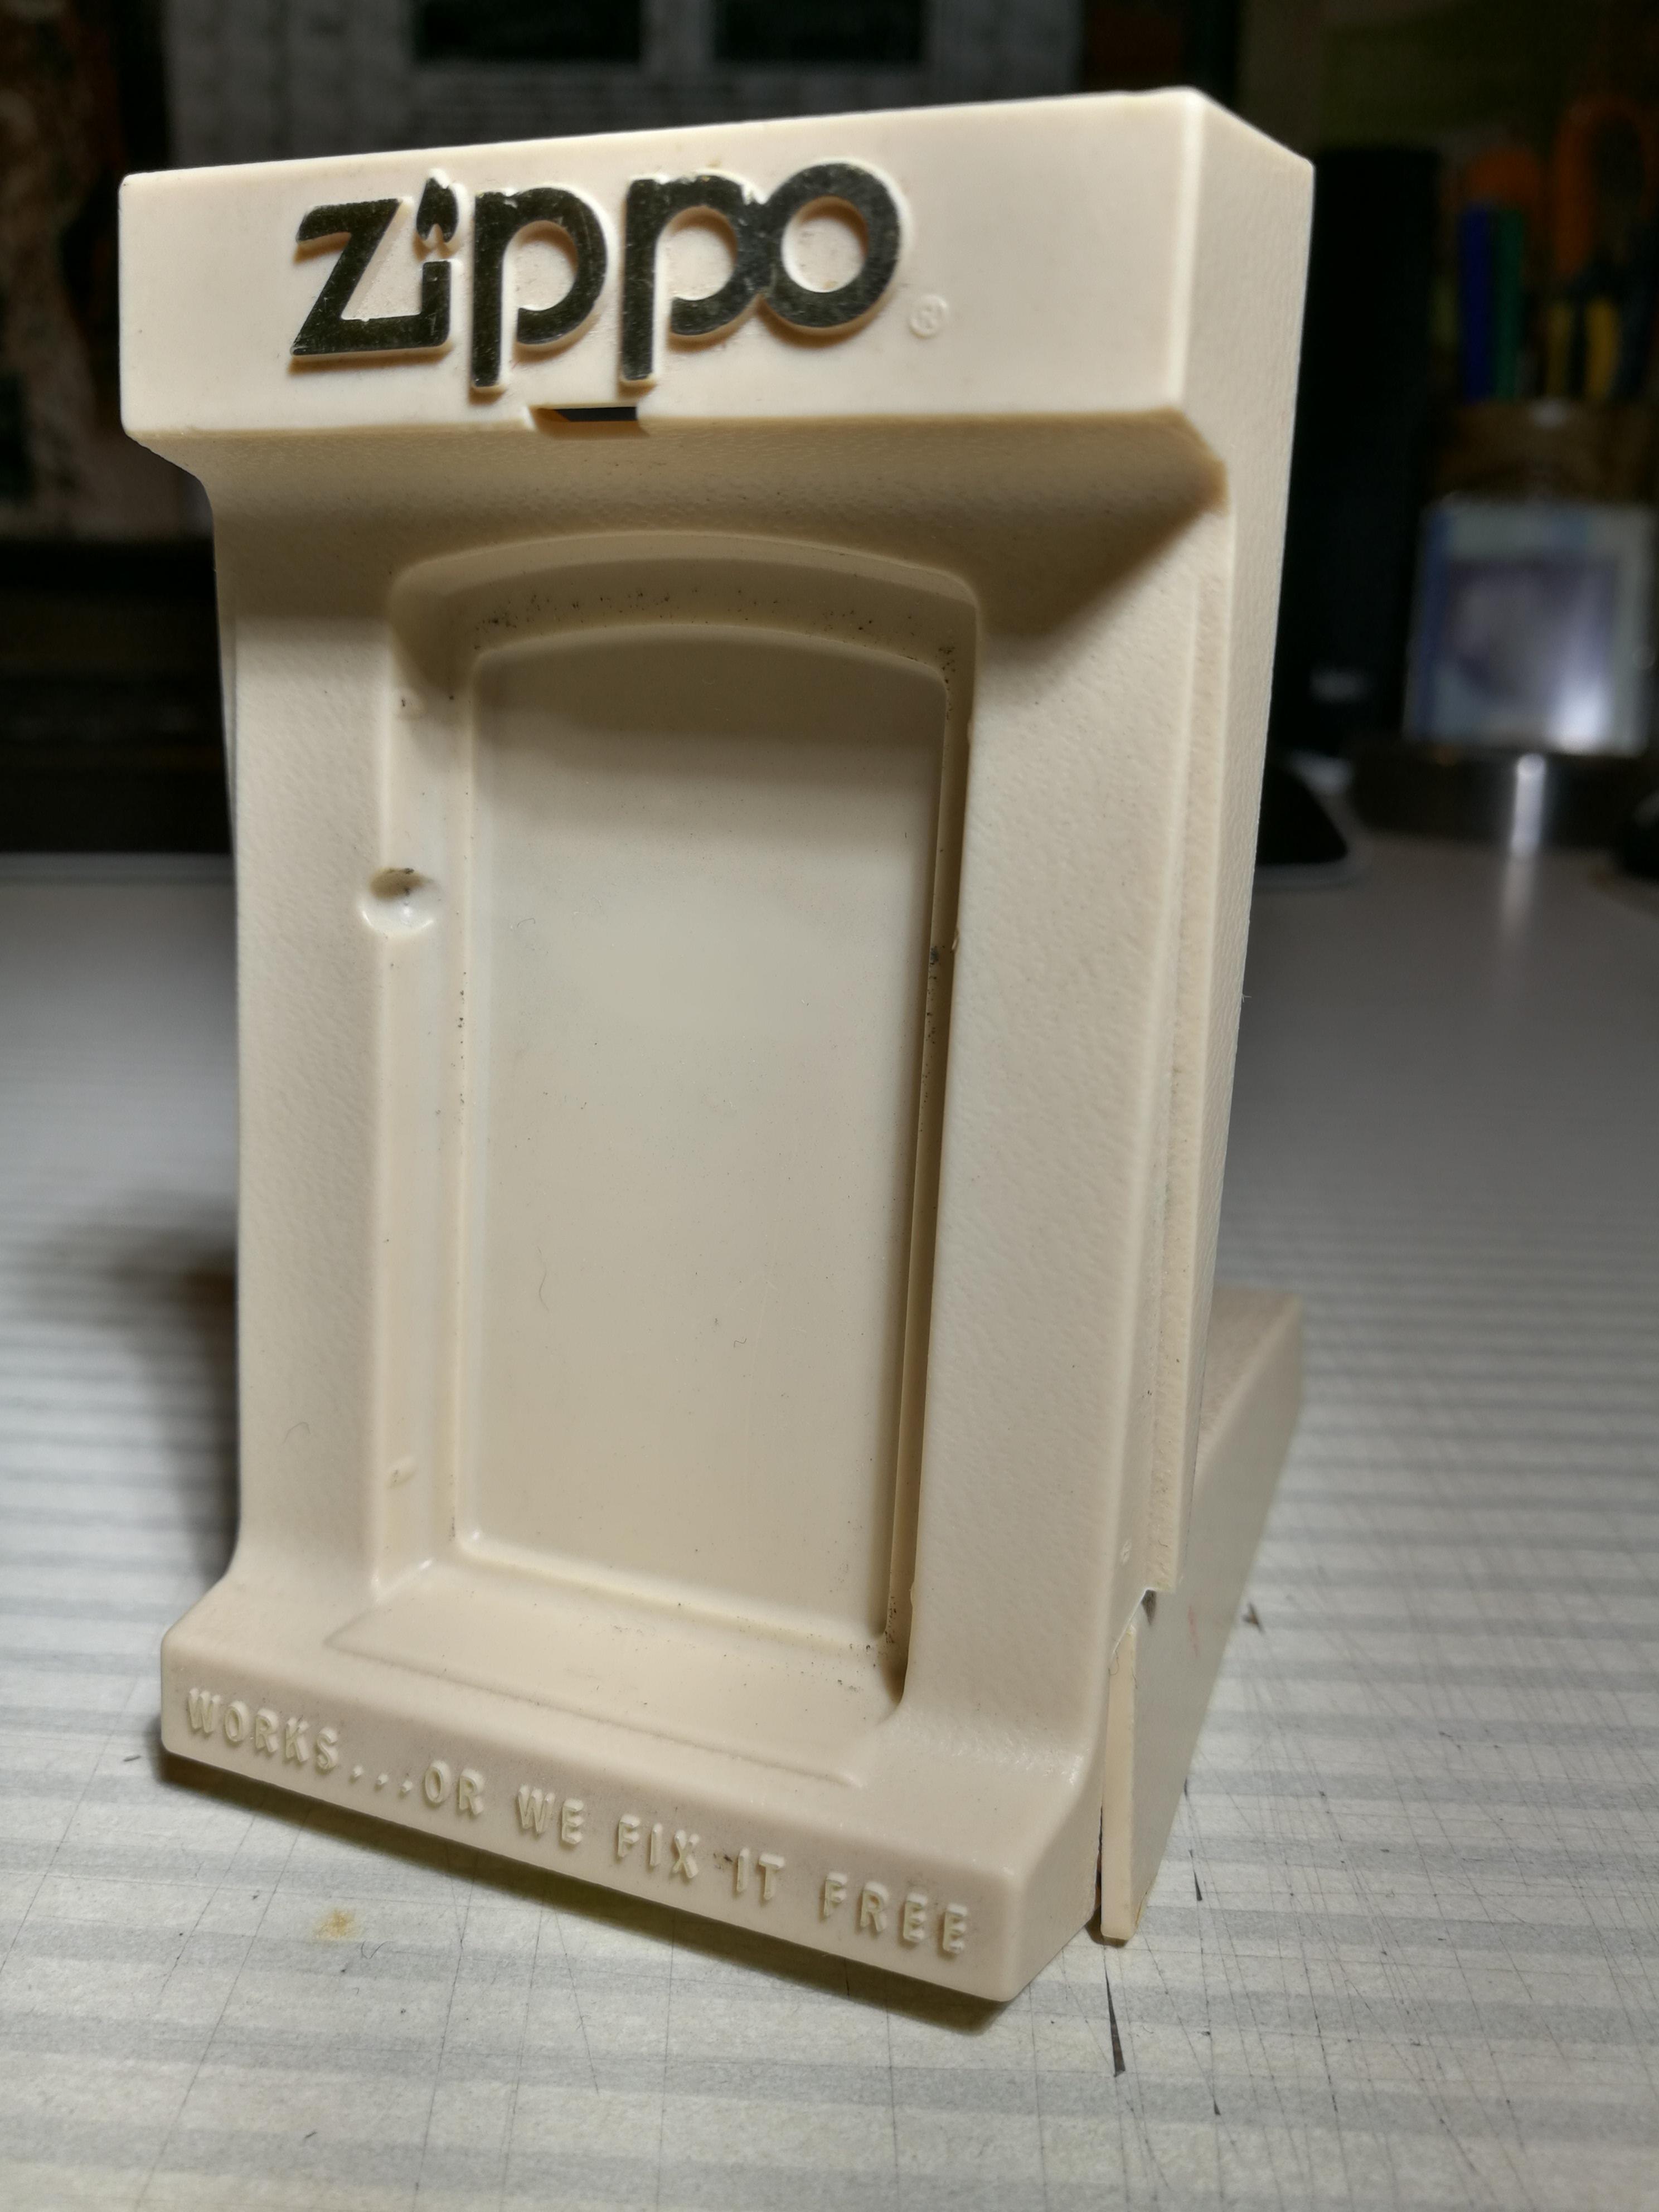 Les boites Zippo au fil du temps - Page 2 149158Boteslim19812